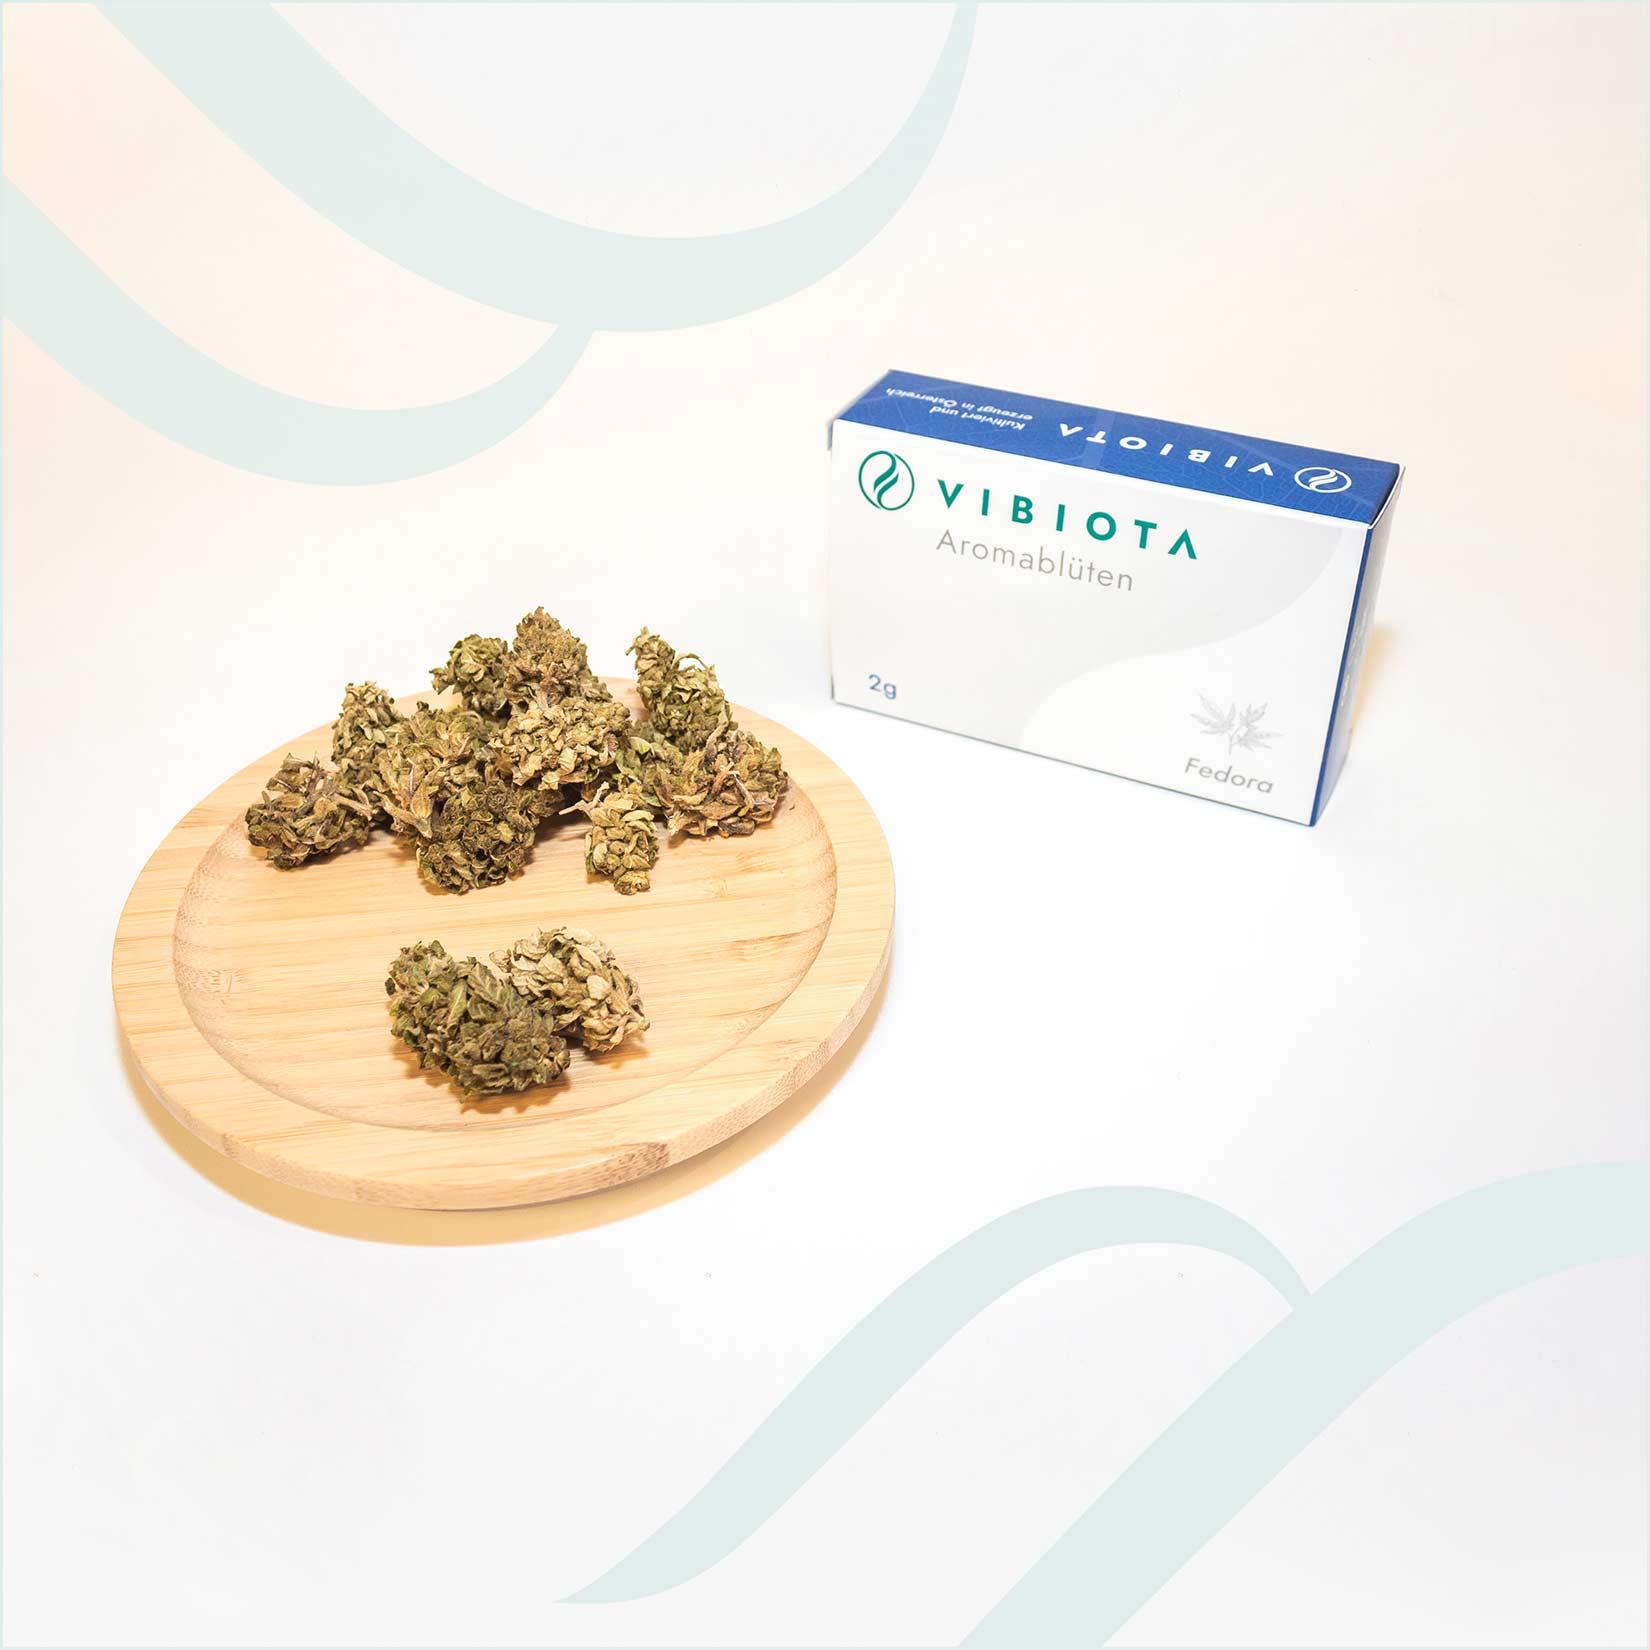 Produktfoto unserer CBD Aroma Blüten im Geschmack Fedora